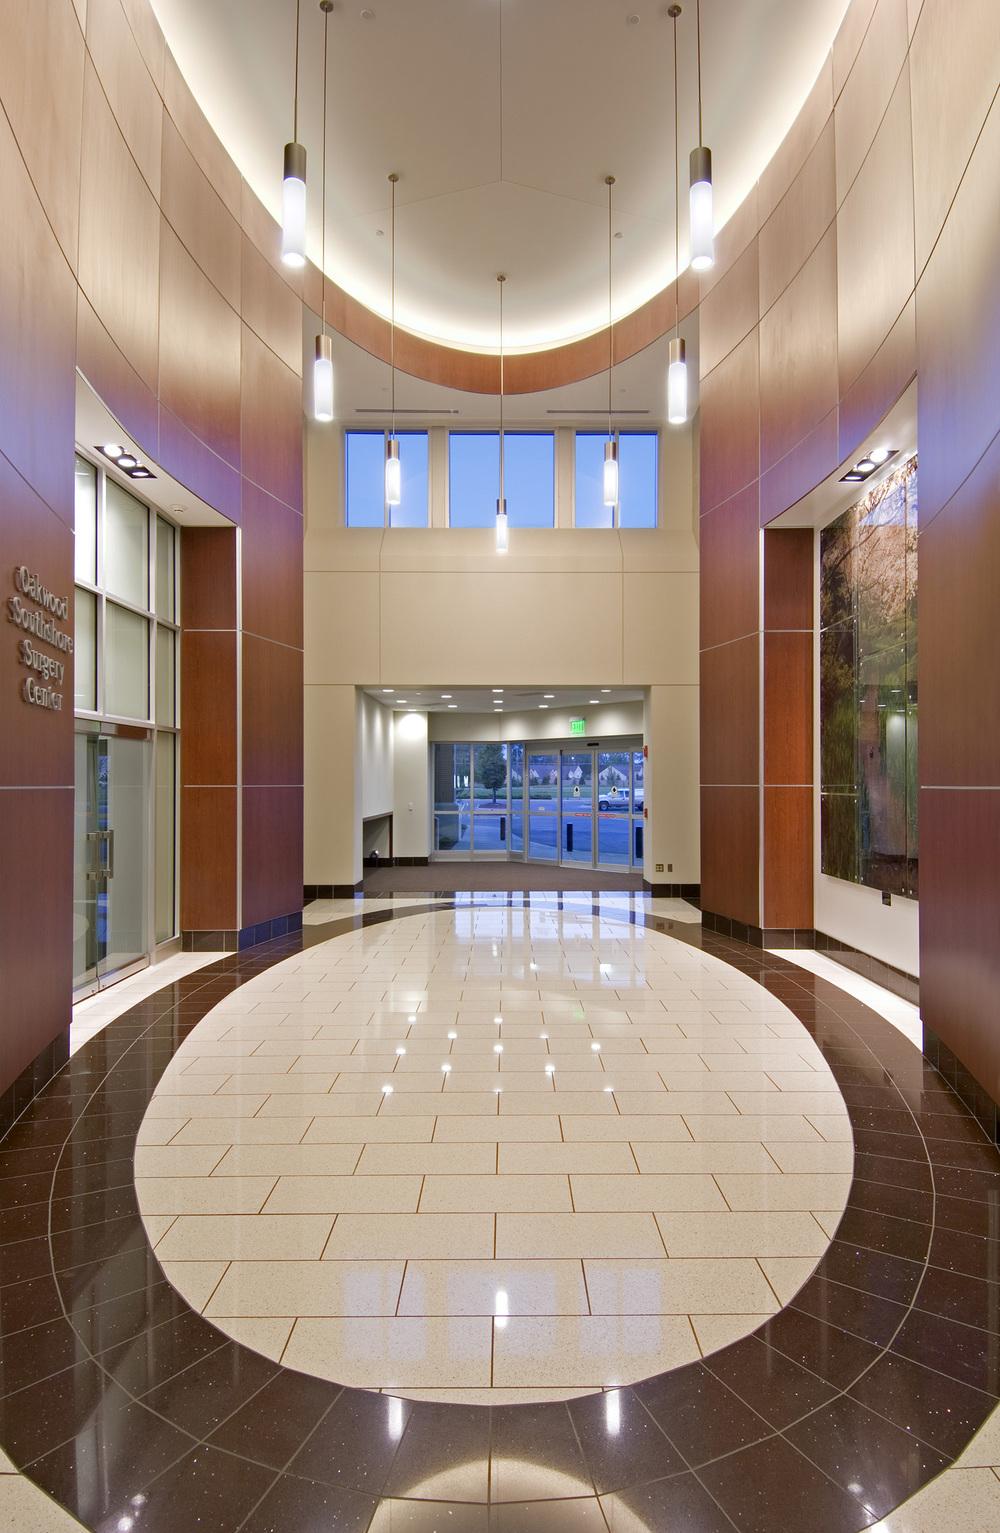 oakwood-southshore-hospital-entrance